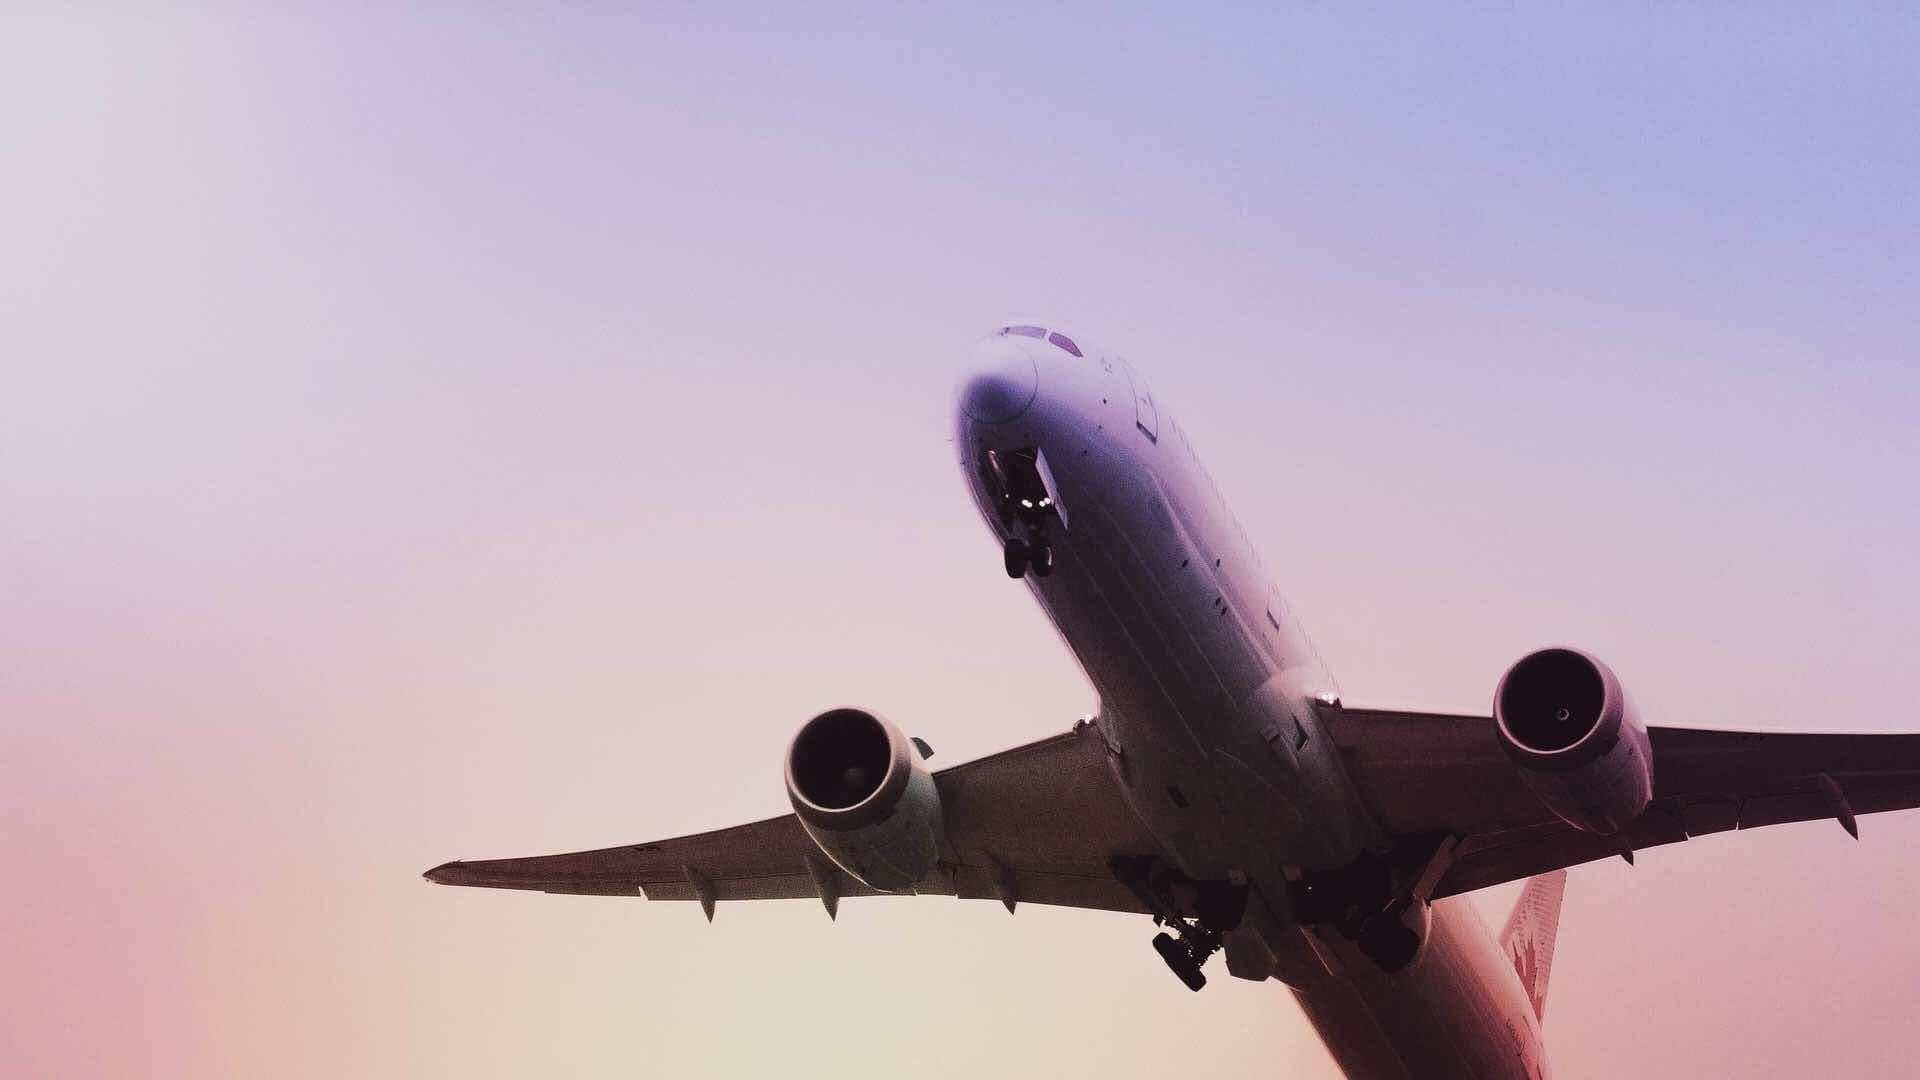 avion vol voyage ciel